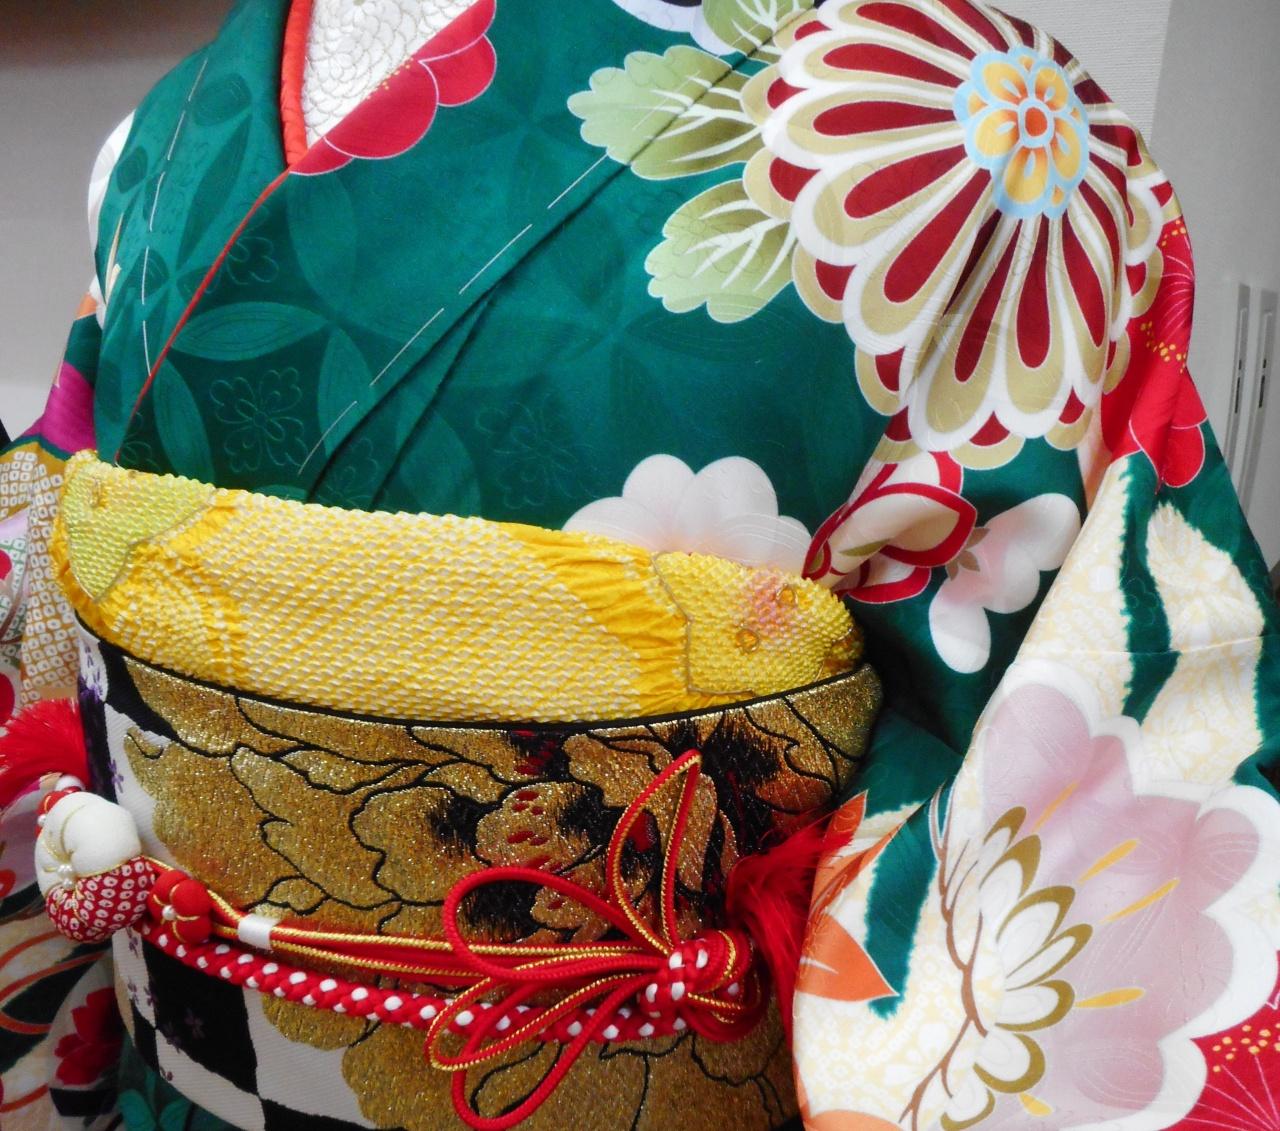 2020年2021年成人式衣裳展示会開催中!最新入荷の振袖もチェック*新潟市・三条市・燕市・田上町・加茂市、どちらの地域でもご利用いただけます